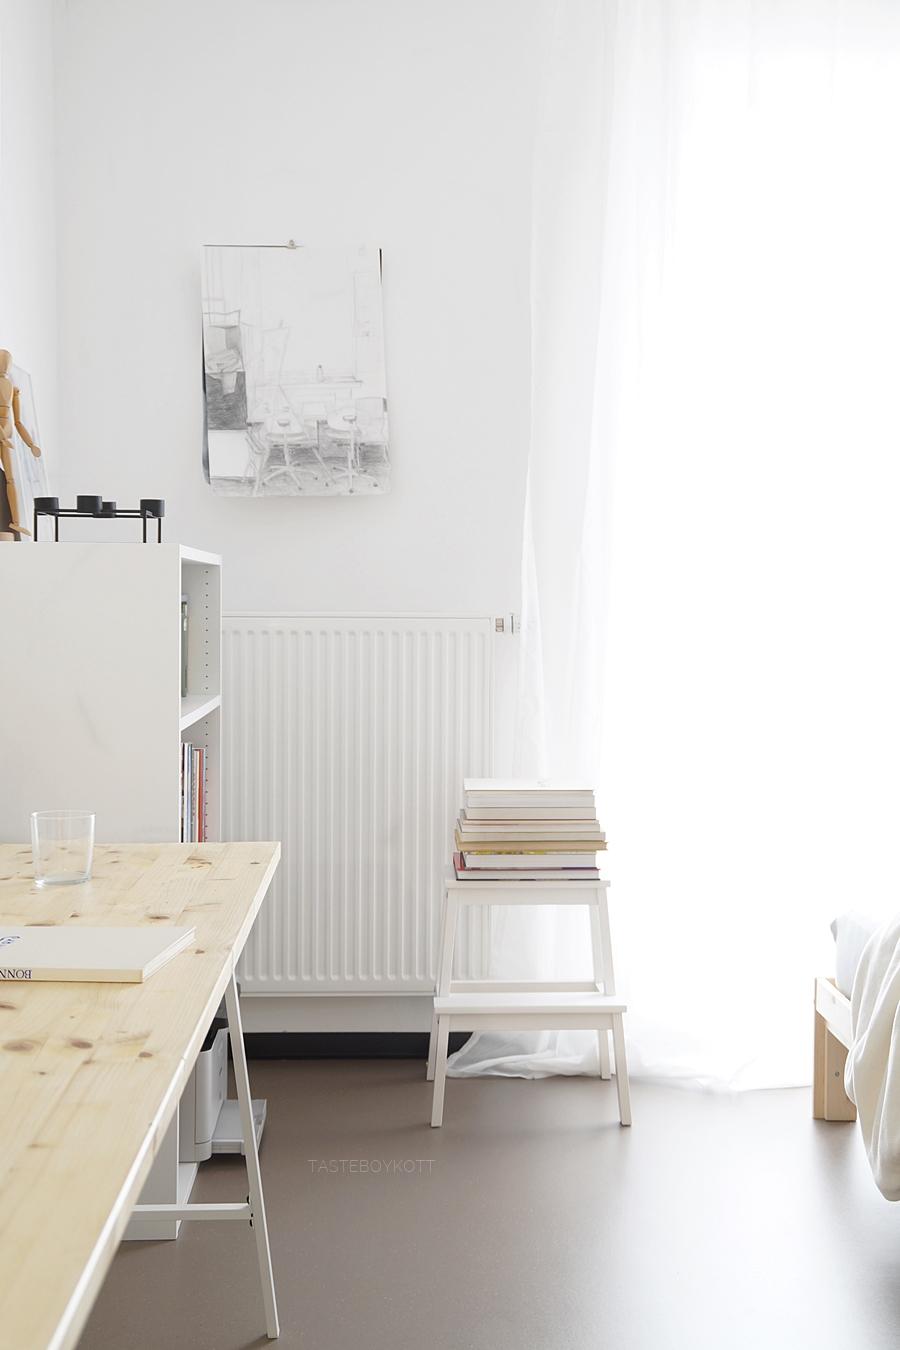 Wohnheimzimmer einrichten modern skandinavisch mit viel Weiß und Holz